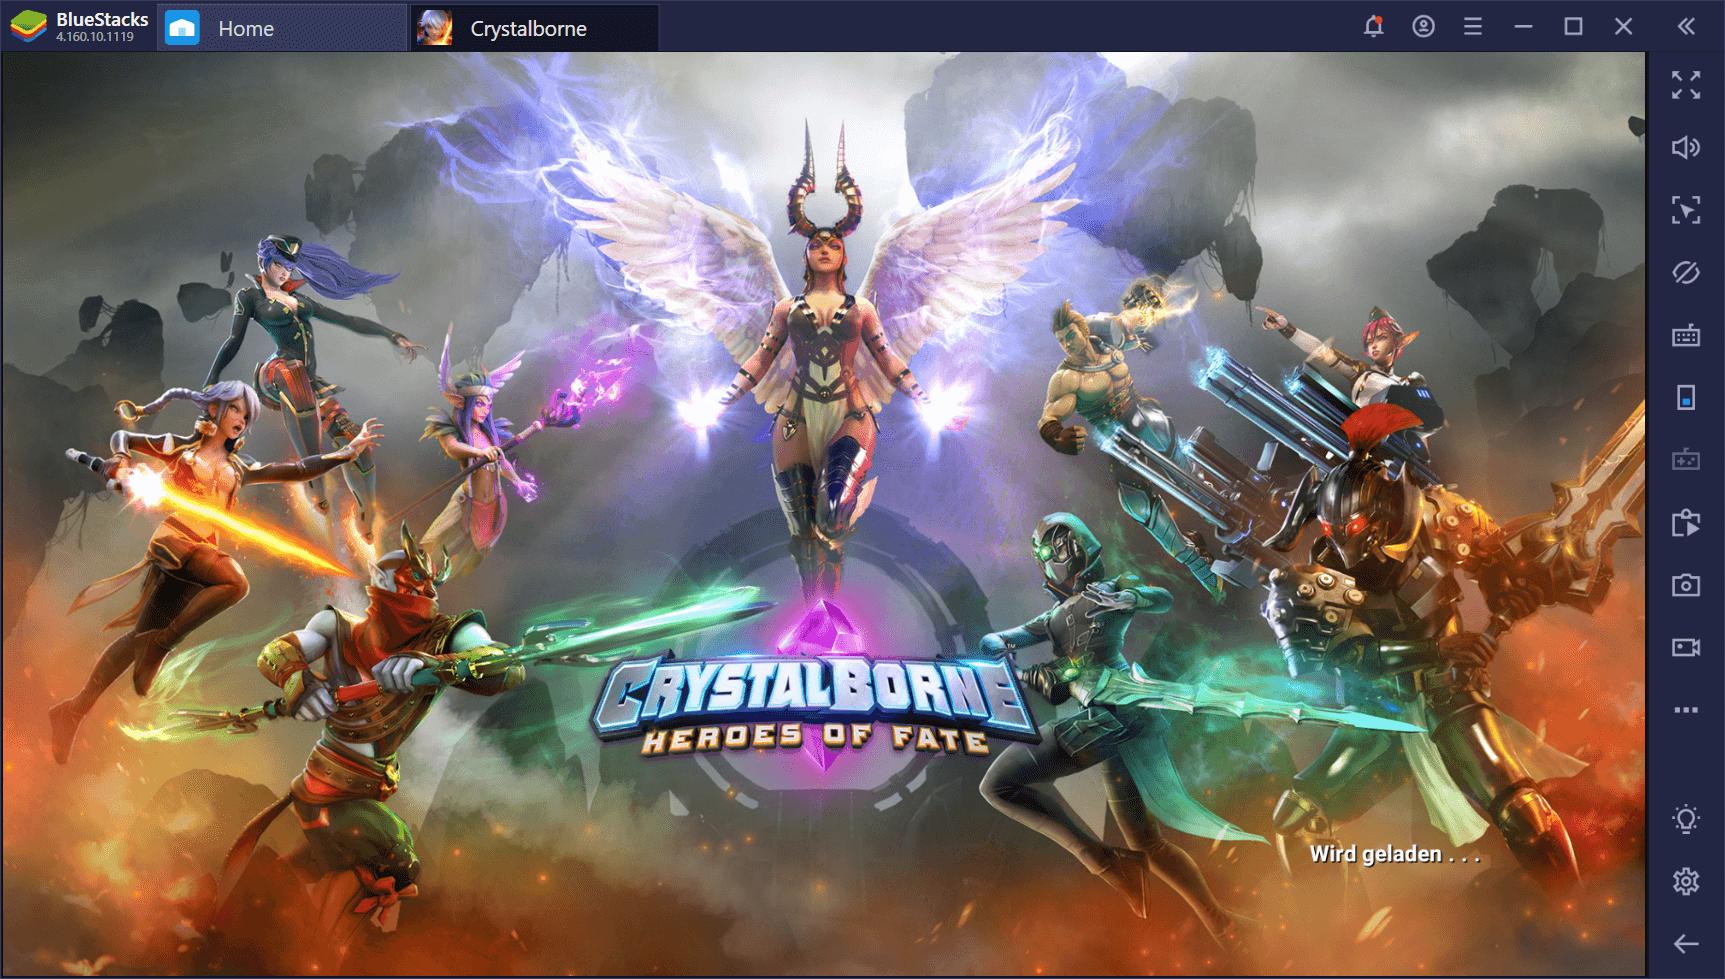 Gewinnen bei Crystalborne: Heroes of Fate auf dem PC mit BlueStacks